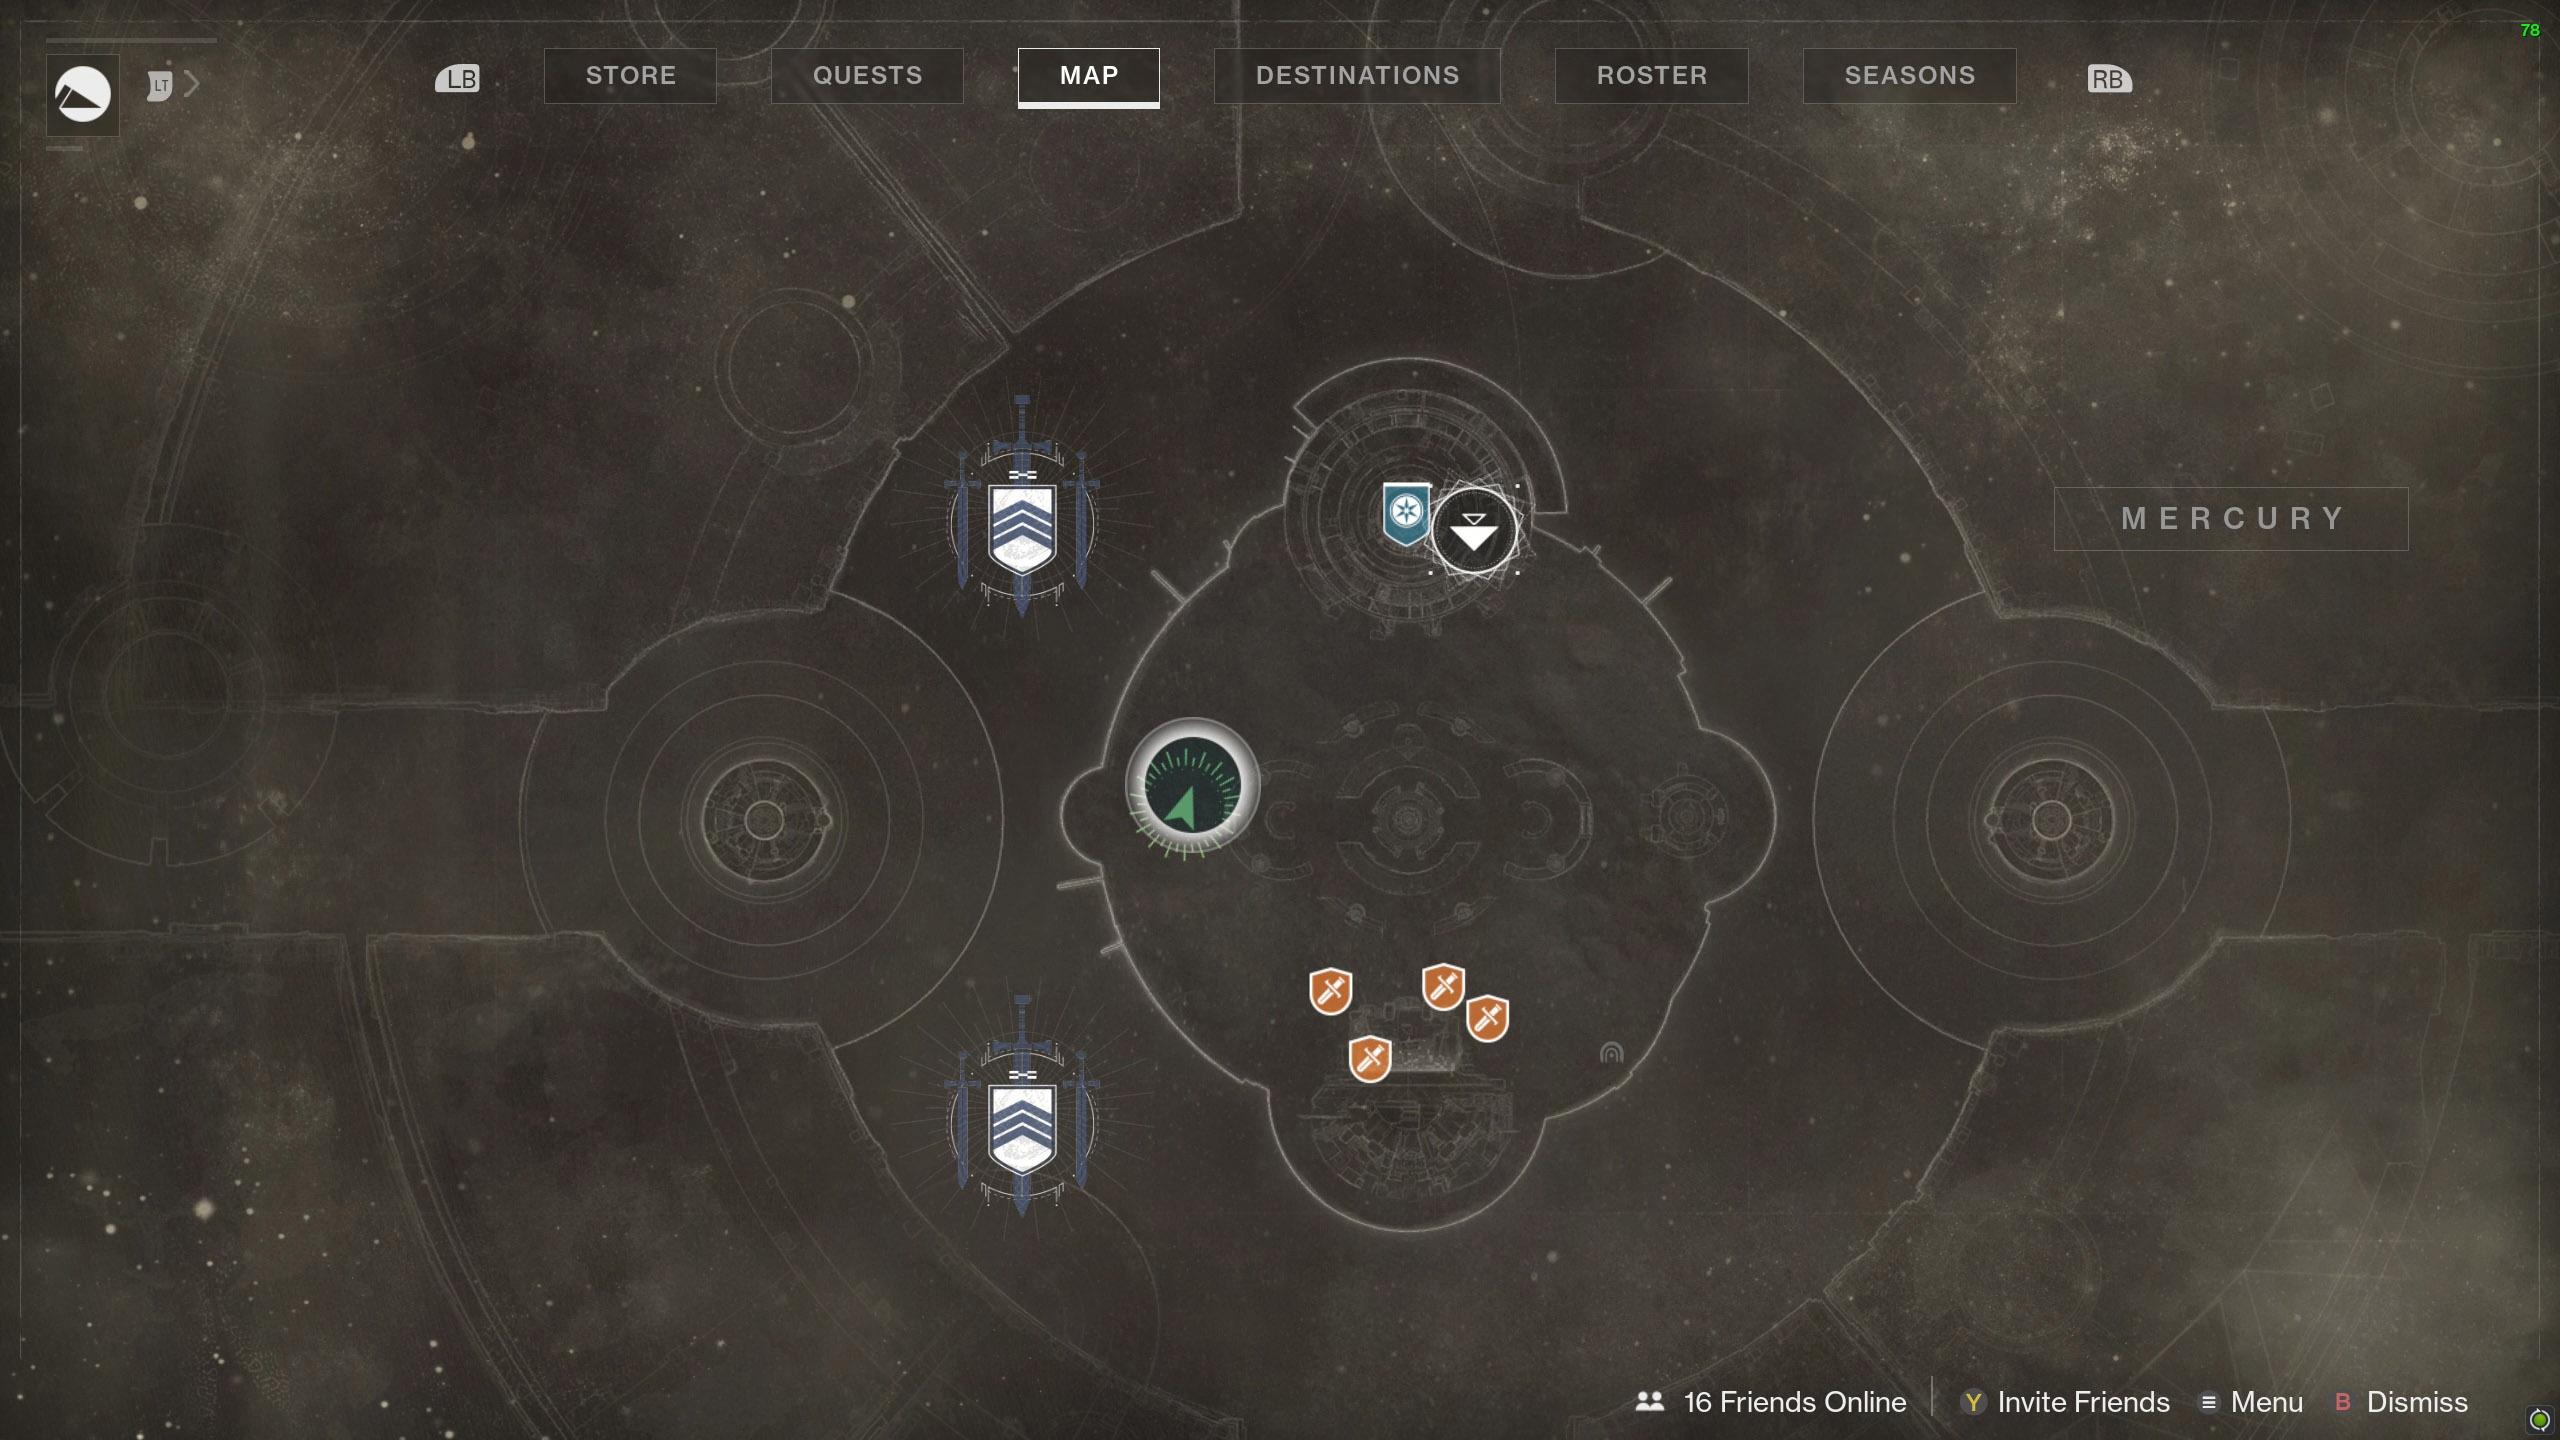 Destiny 2 Savathuns Eyes Mercury 1 map